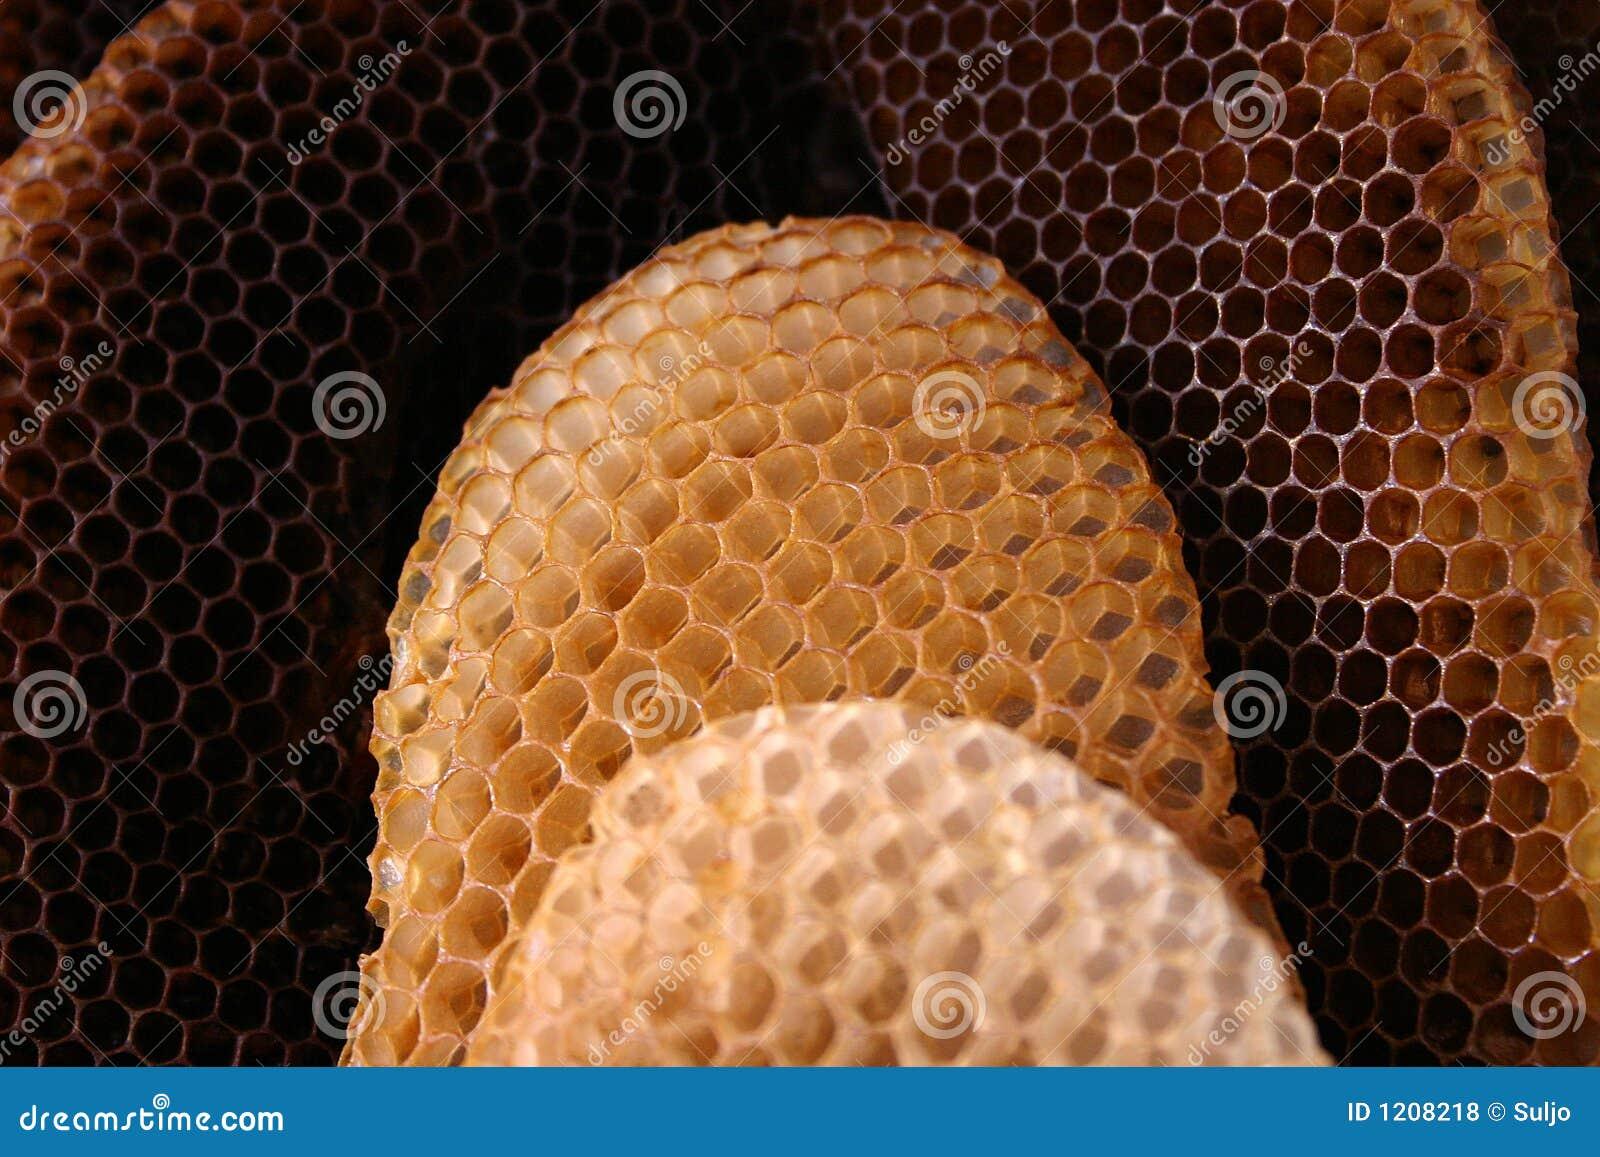 Ruche D 39 Abeille Photos Libres De Droits Image 1208218